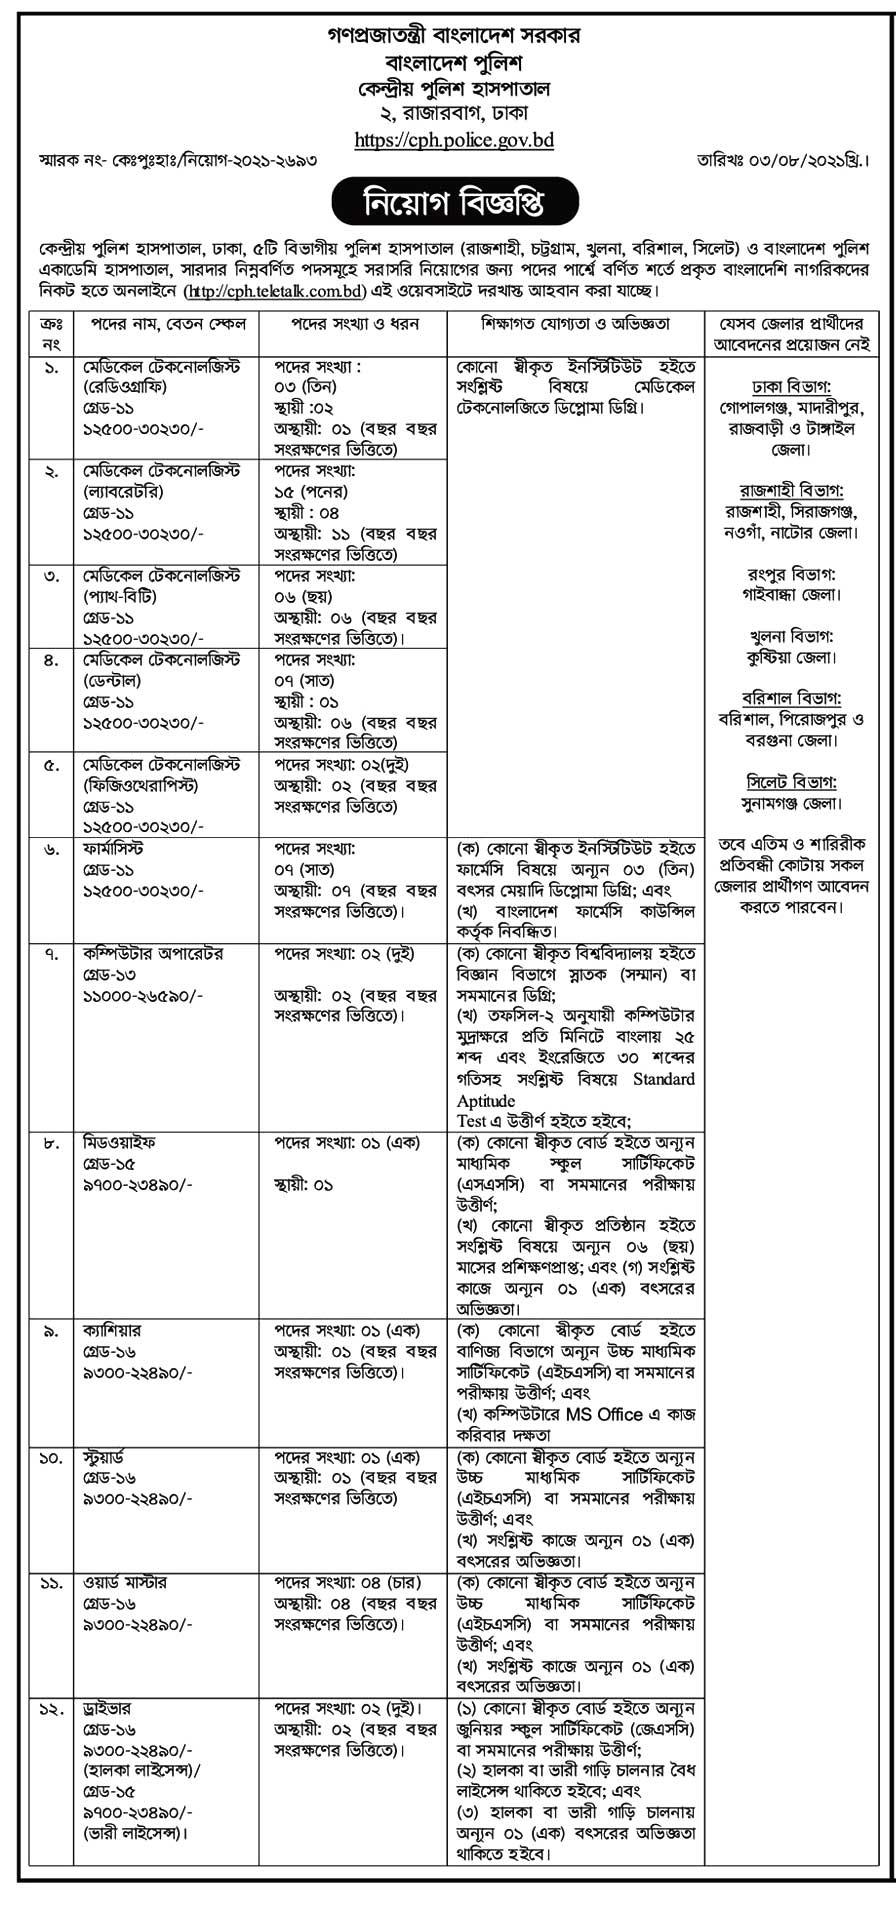 Central Police Hospital CPH Job Circular 2021